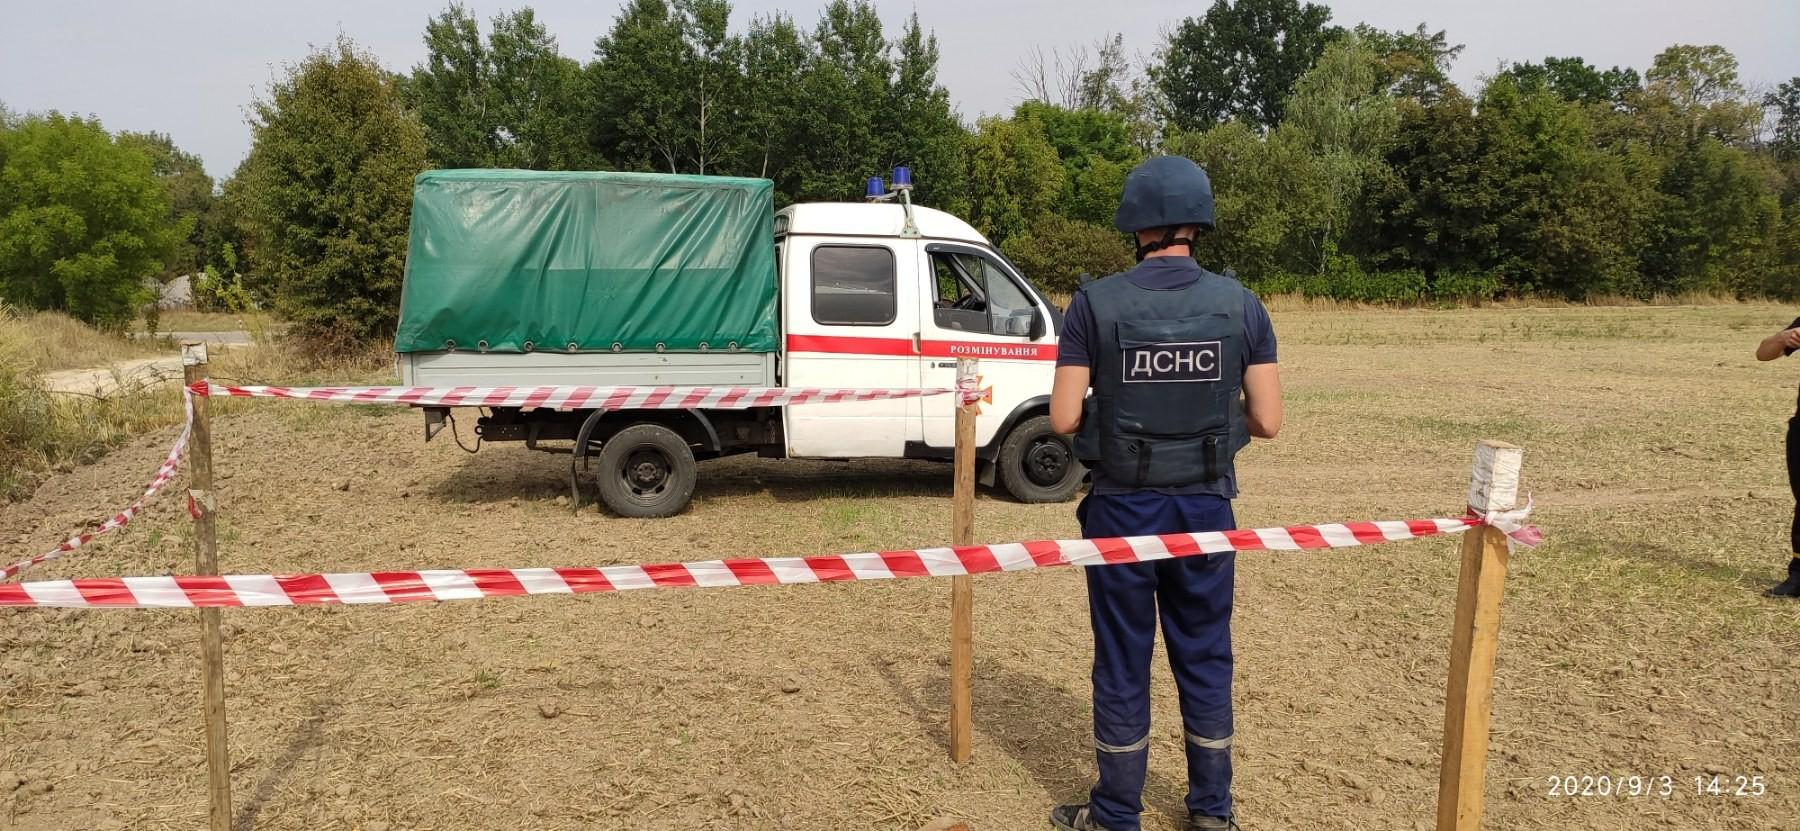 На Київщині виявили та знищили артилерійські снаряди та мінометну міну - Таращанський район, мінометна міна, ДСНС, артилерійські снаряди - 67777lll